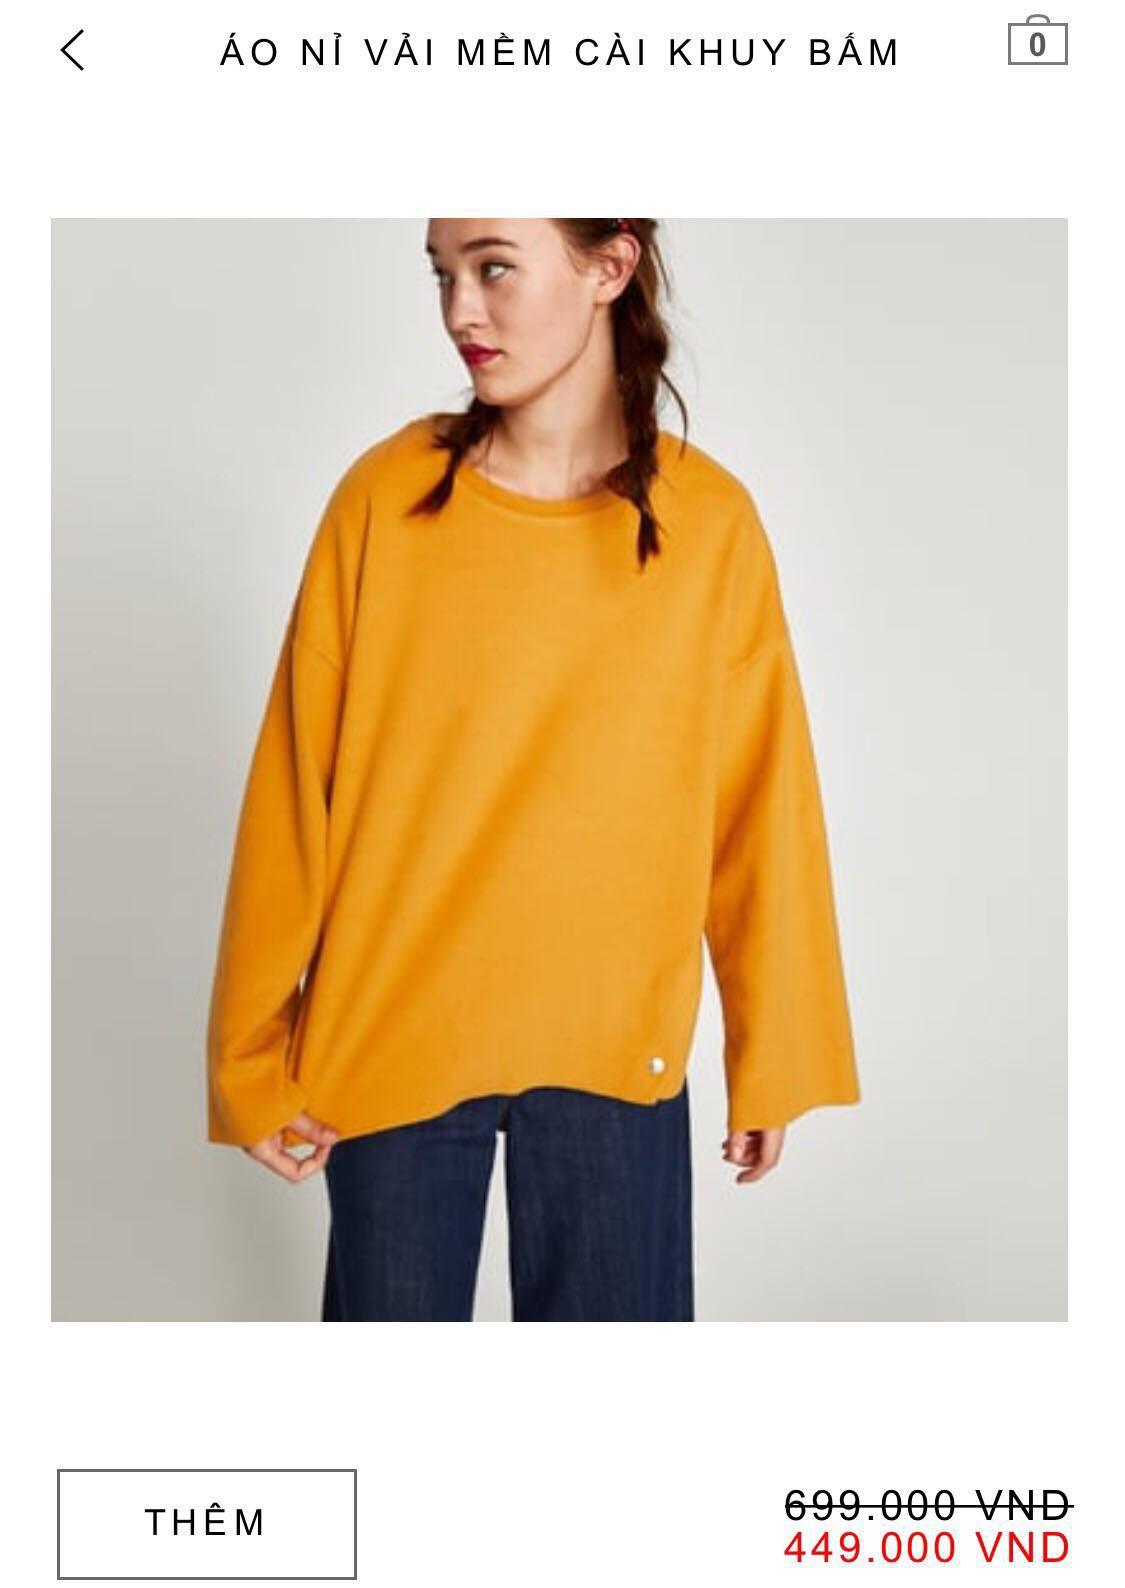 14 mẫu áo len, áo nỉ dưới 500.000 VNĐ xinh xắn, trendy đáng sắm nhất đợt sale này của Zara - Ảnh 7.